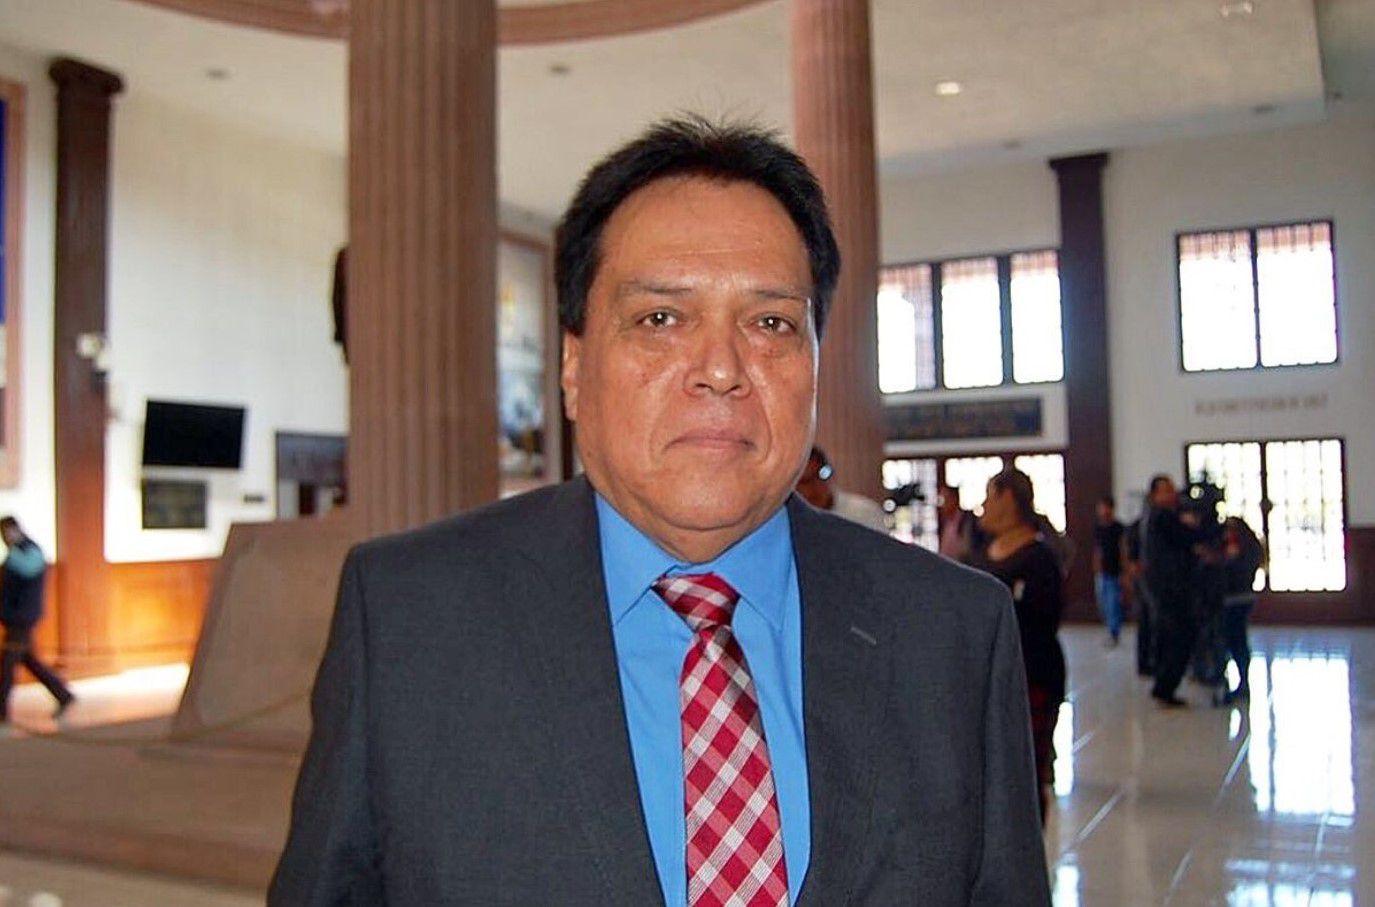 El Fiscal de Coahuila, Márquez Guevara, dio a conocer la información de la detención del abuelo (Foto: Twitter@lharanda)